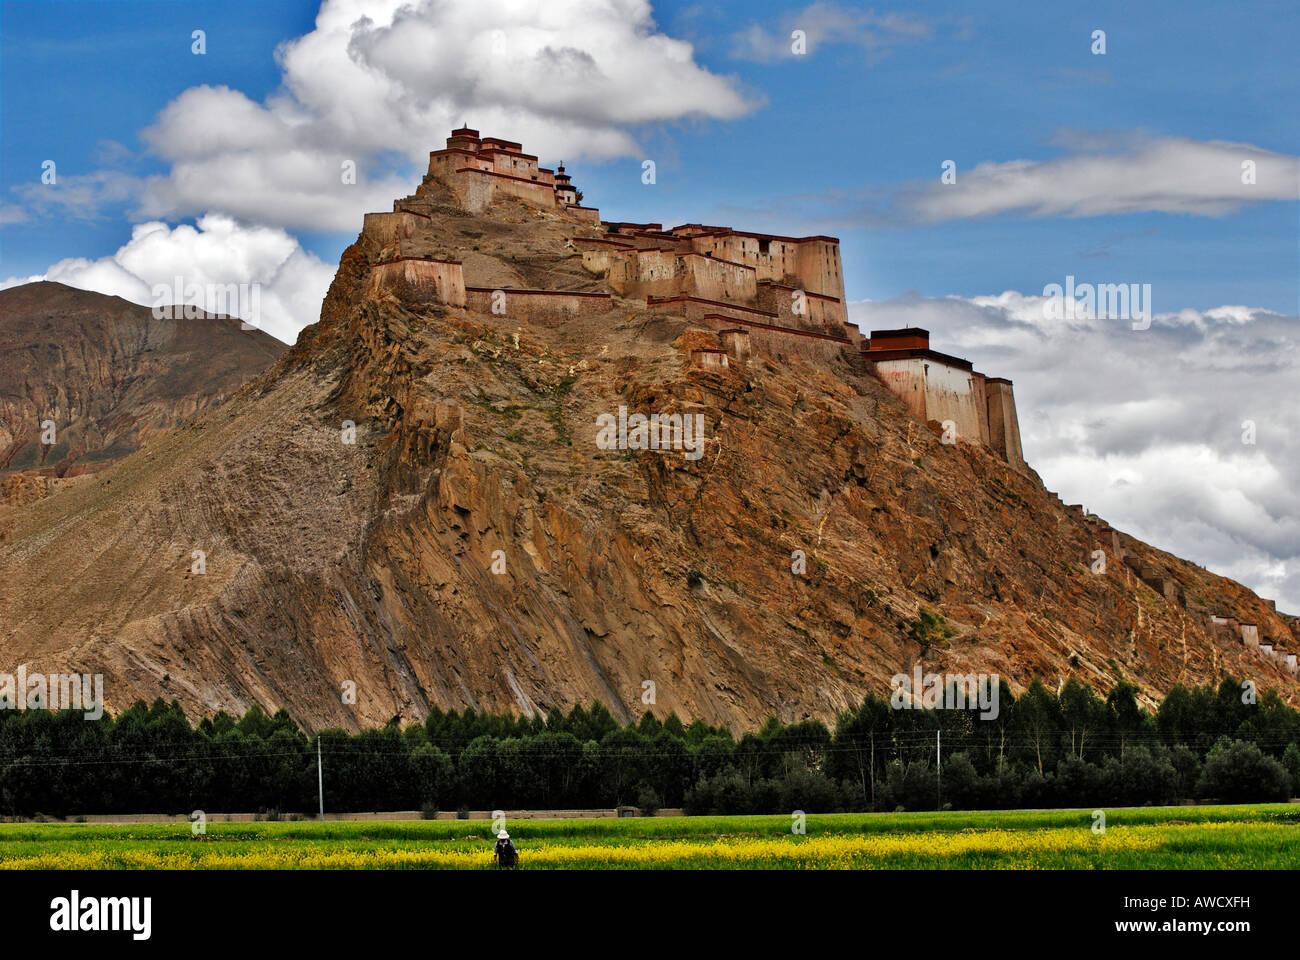 Dzong fortress, Gyantse, Tibet - Stock Image